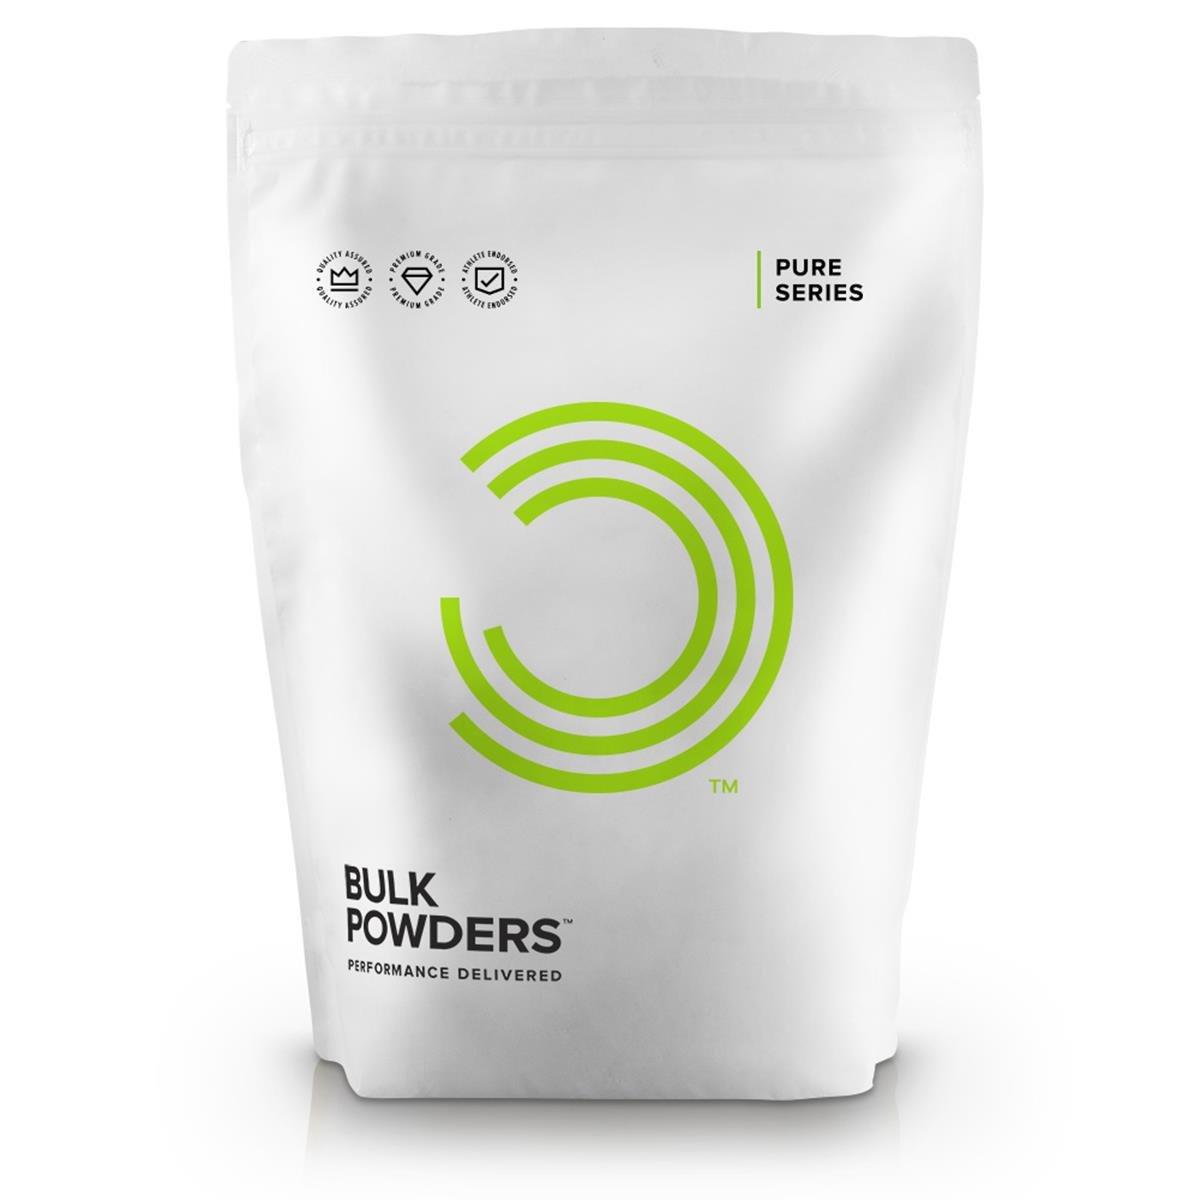 BULK POWDERS DMAE Powder Pure Mood Enhancer 100 g NEW   eBay